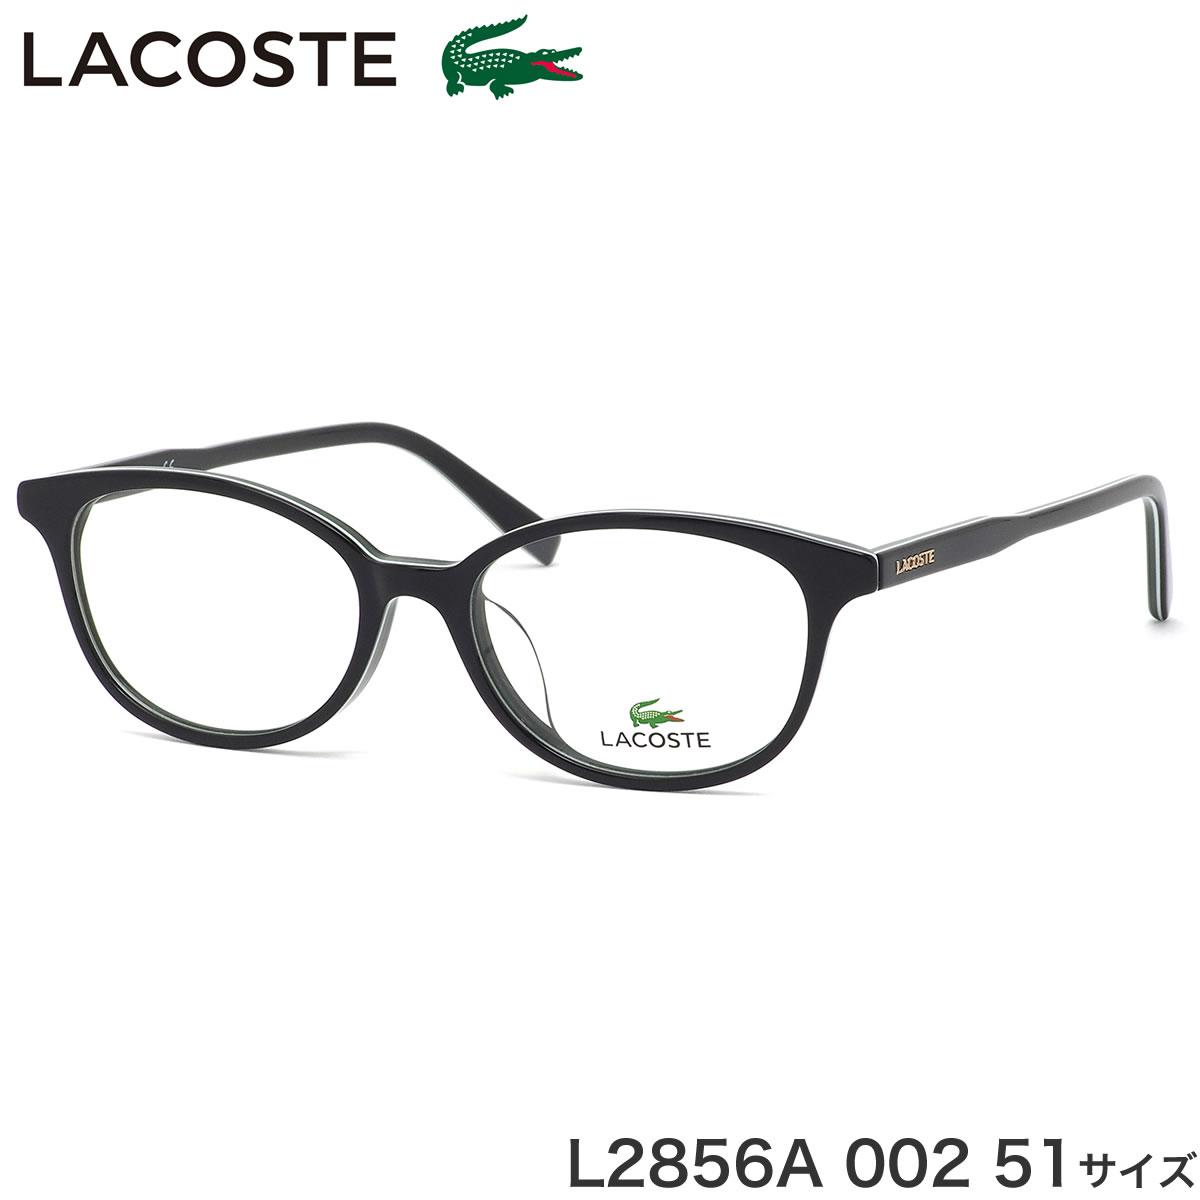 ラコステ LACOSTE メガネ L2856A 002 51サイズ ワニ クロコダイル アジアンフィット おしゃれ メンズ レディース